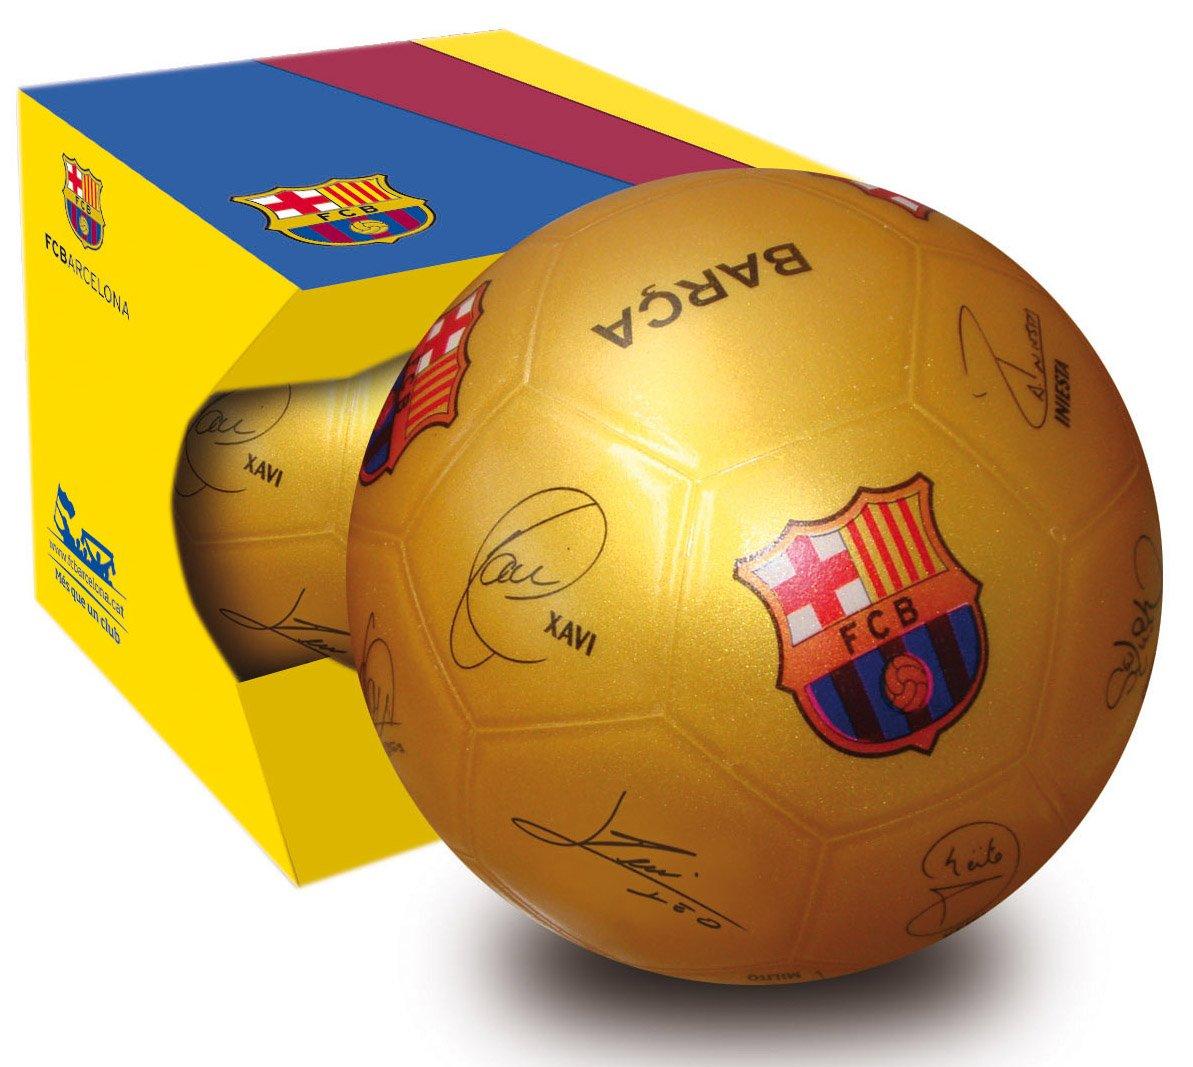 Futbol Club Barcelona Barcelona Pelota de 15 cm Mondo 1335  Amazon.es   Juguetes y juegos 20a2ee3807773